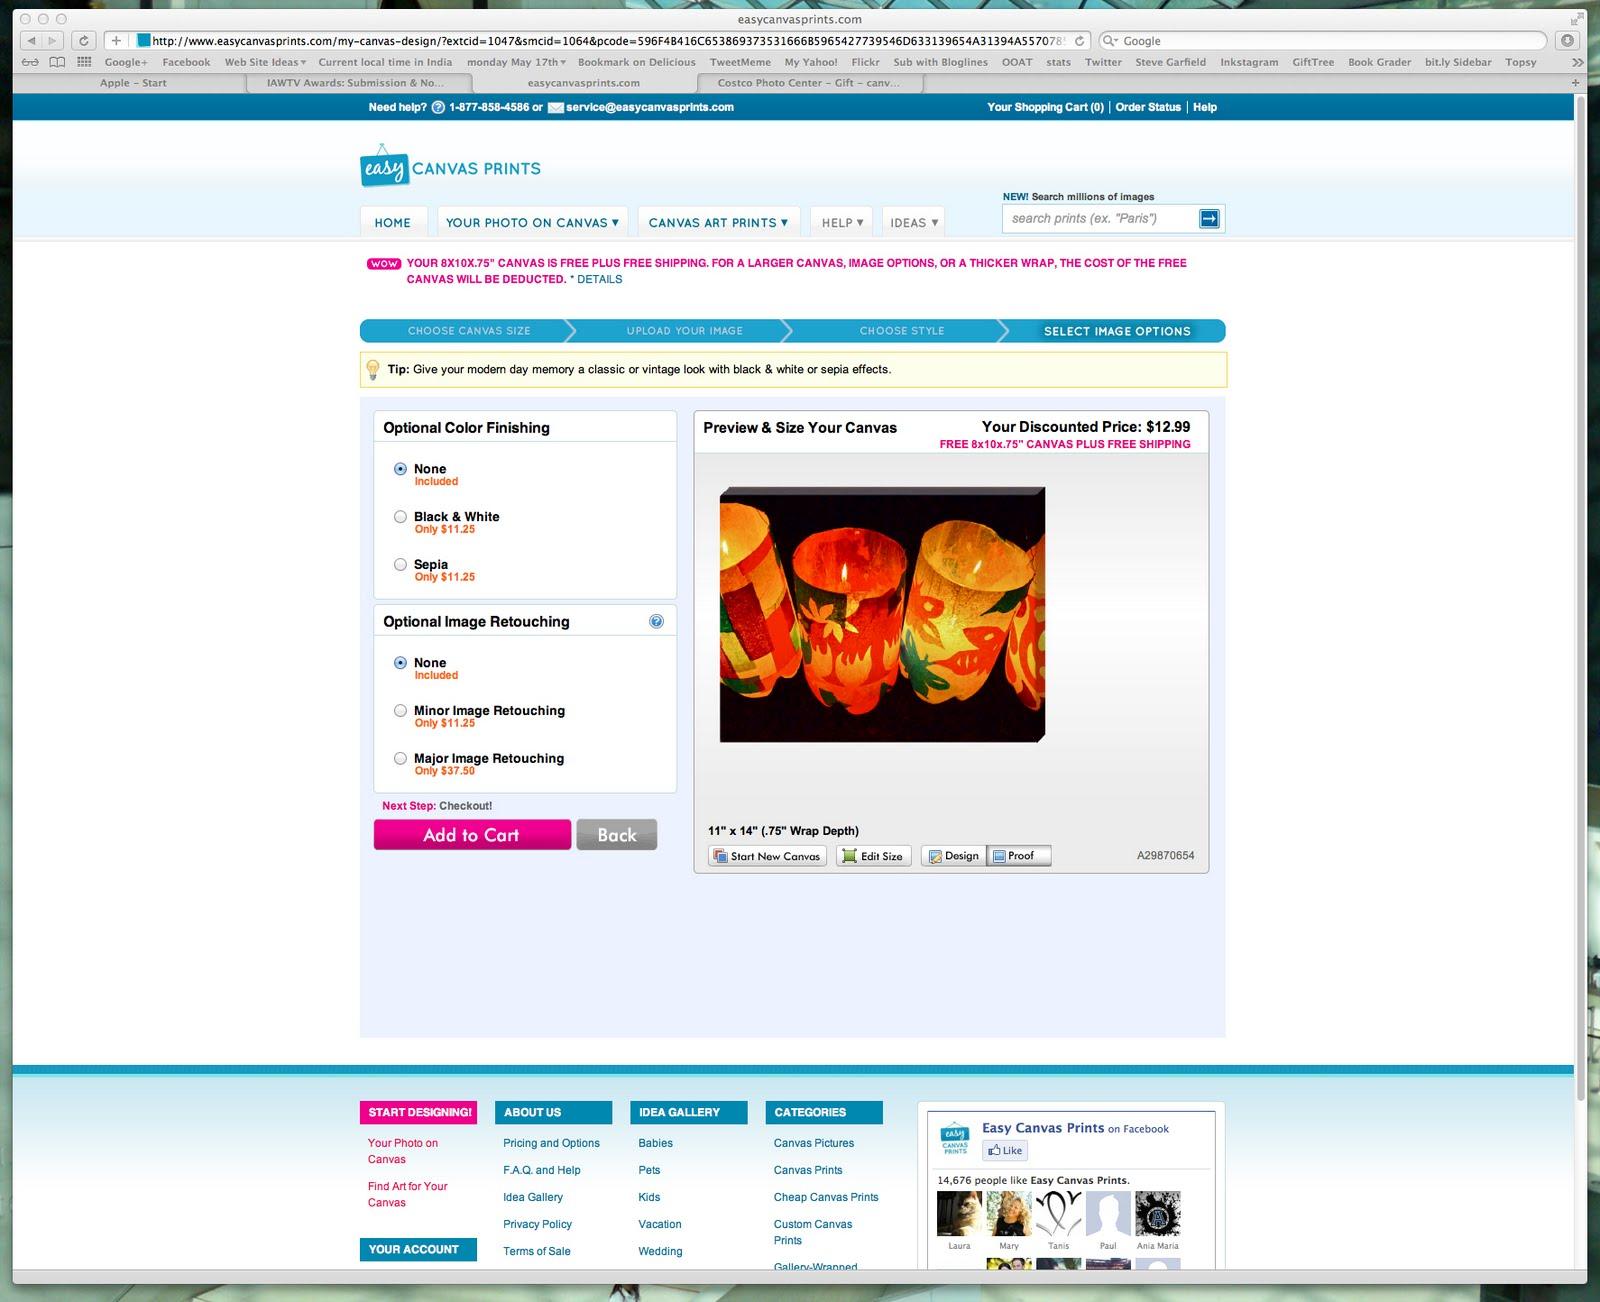 http://4.bp.blogspot.com/-J1vfcL31qmo/TuZOjGFDsVI/AAAAAAAAD0A/iGgUp9DnG1M/s1600/4%2Bfinishing.jpg